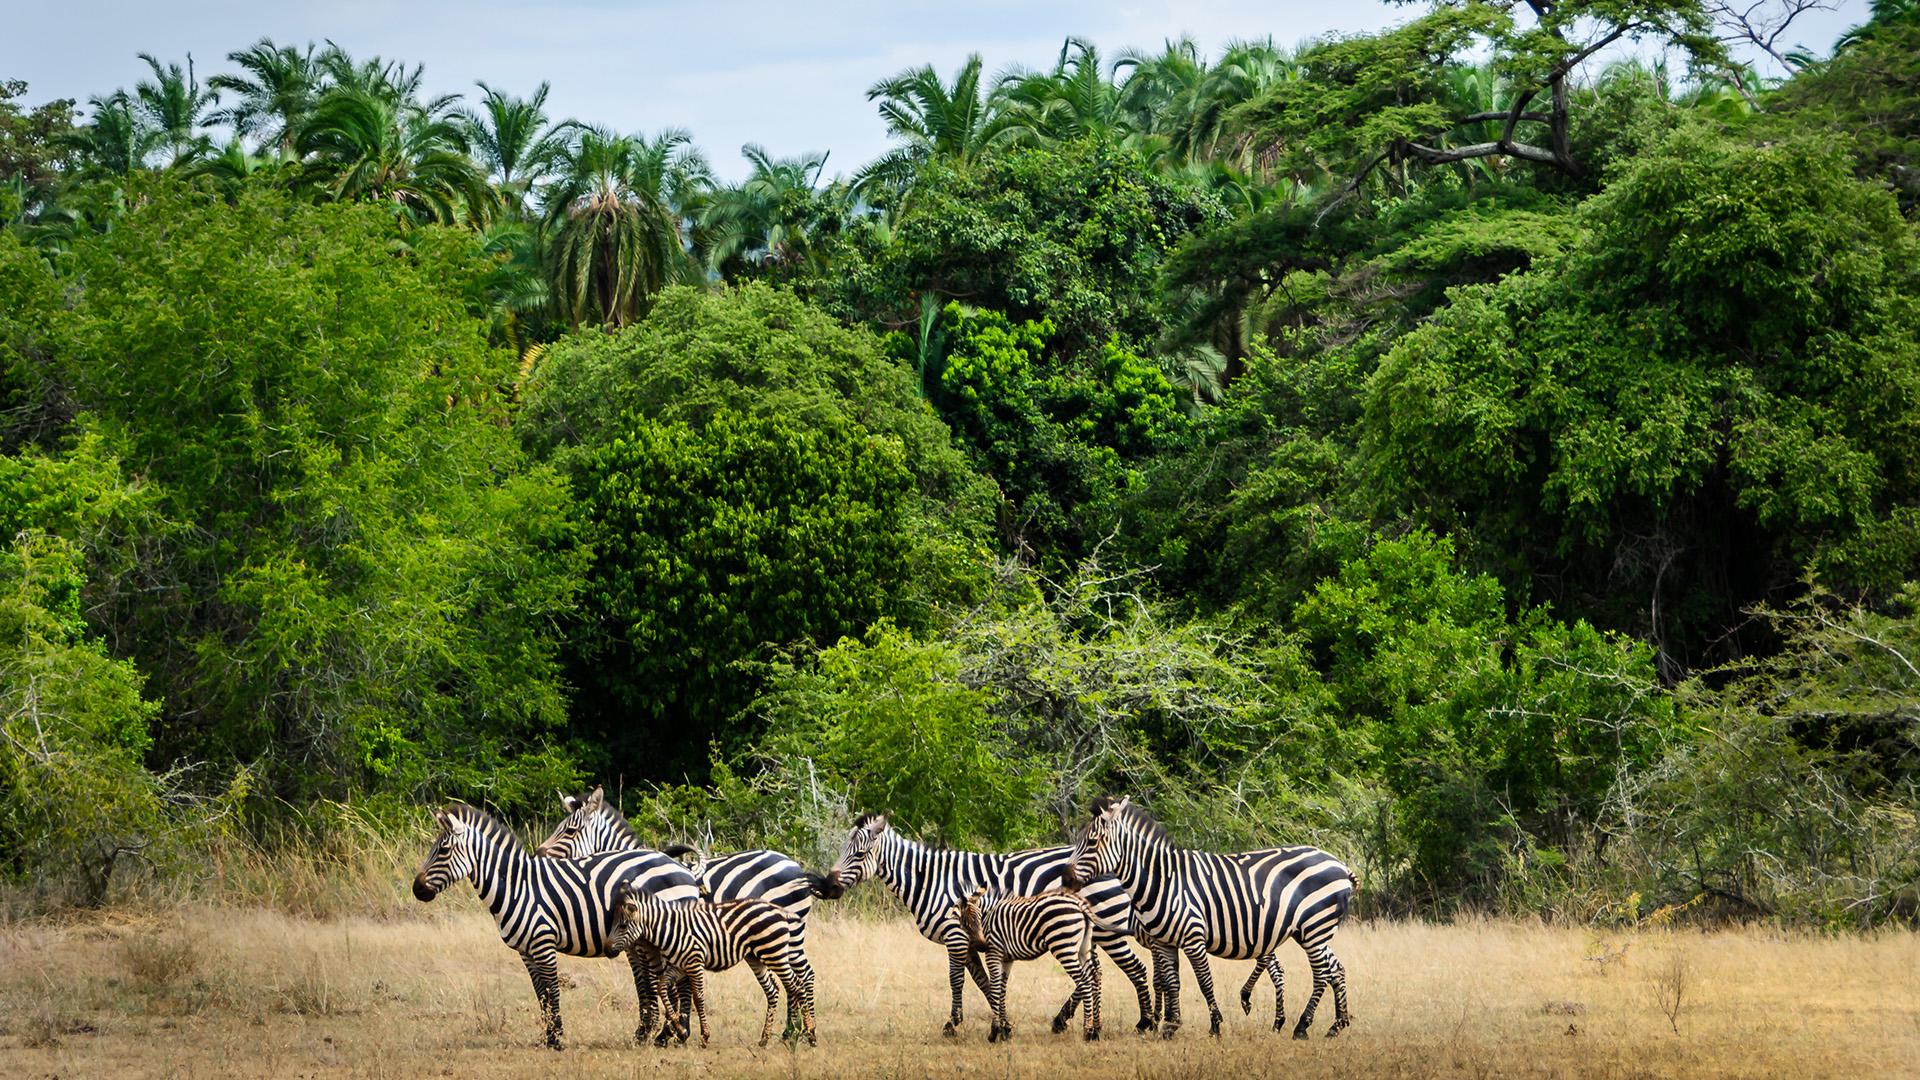 El año pasado, Ruanda fue nombrada un nuevo destino de lujo africano por Luxury Travel Mag. El destino tiene que ver con la naturaleza y la vida silvestre, y es hogar de tres parques nacionales: Akagera, Nyungwe y el Parque Nacional de los Volcanes